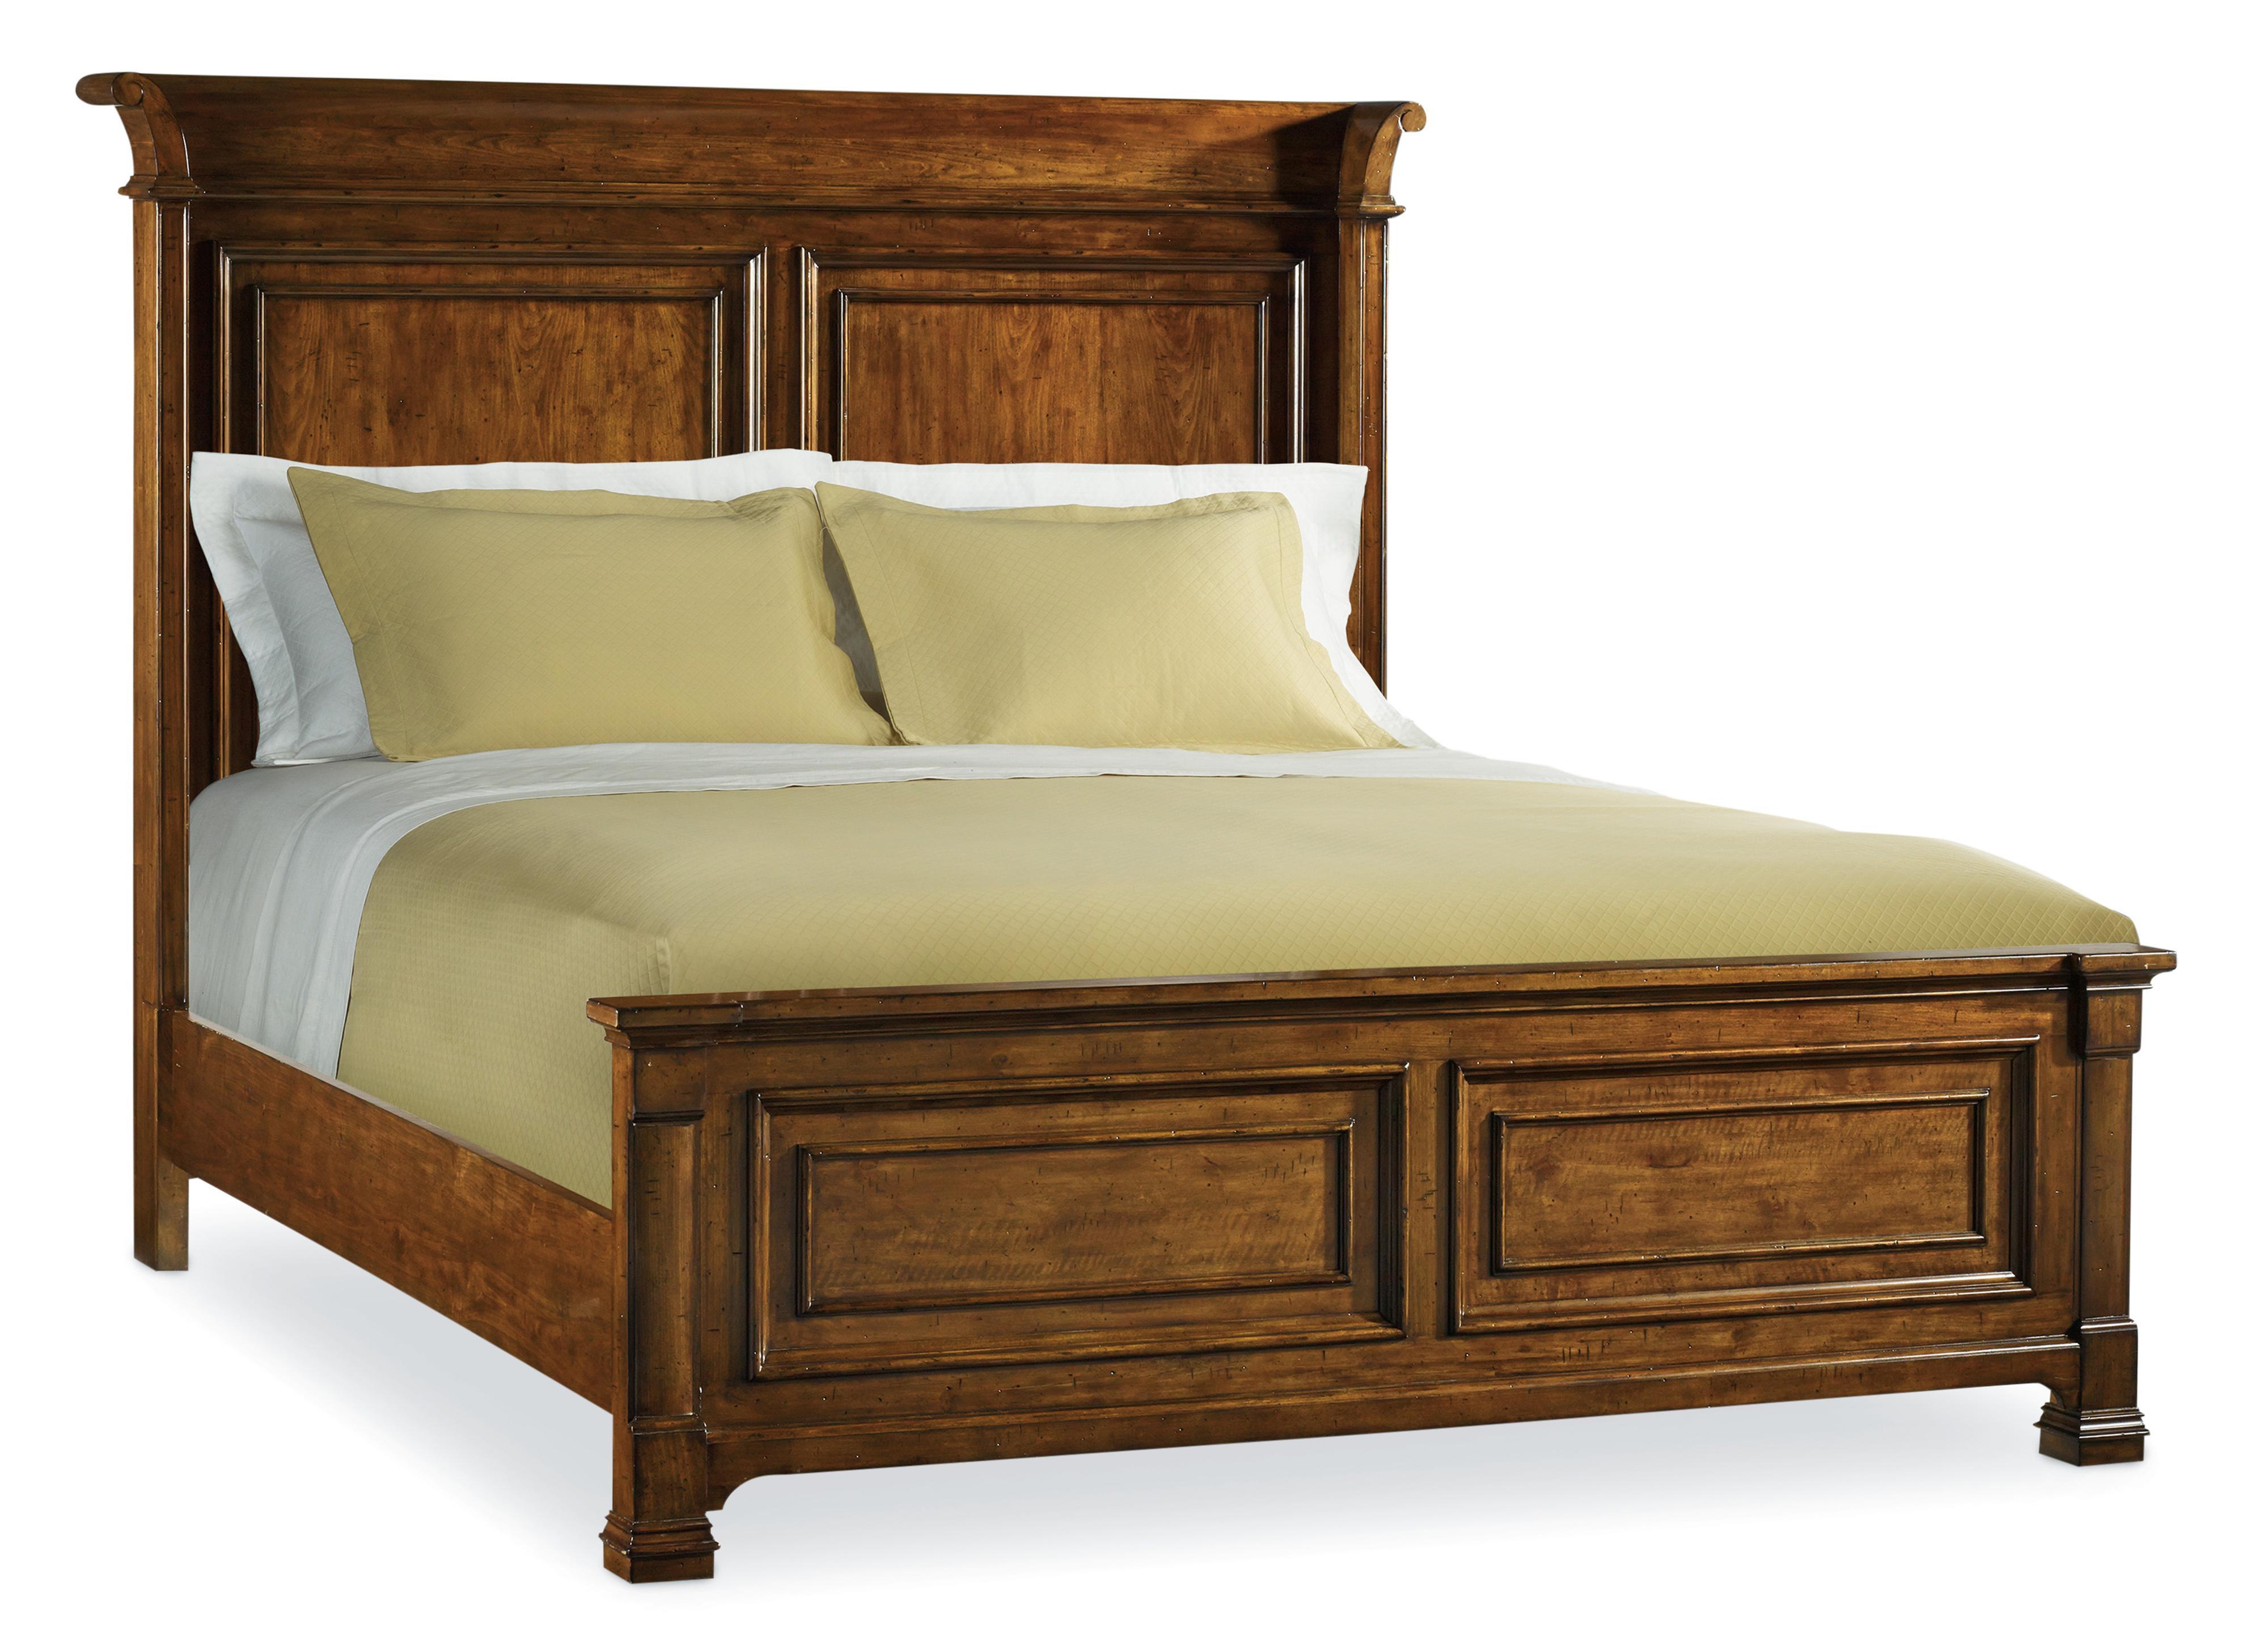 Hooker Furniture Tynecastle Queen Panel Bed - Item Number: 5323-90250